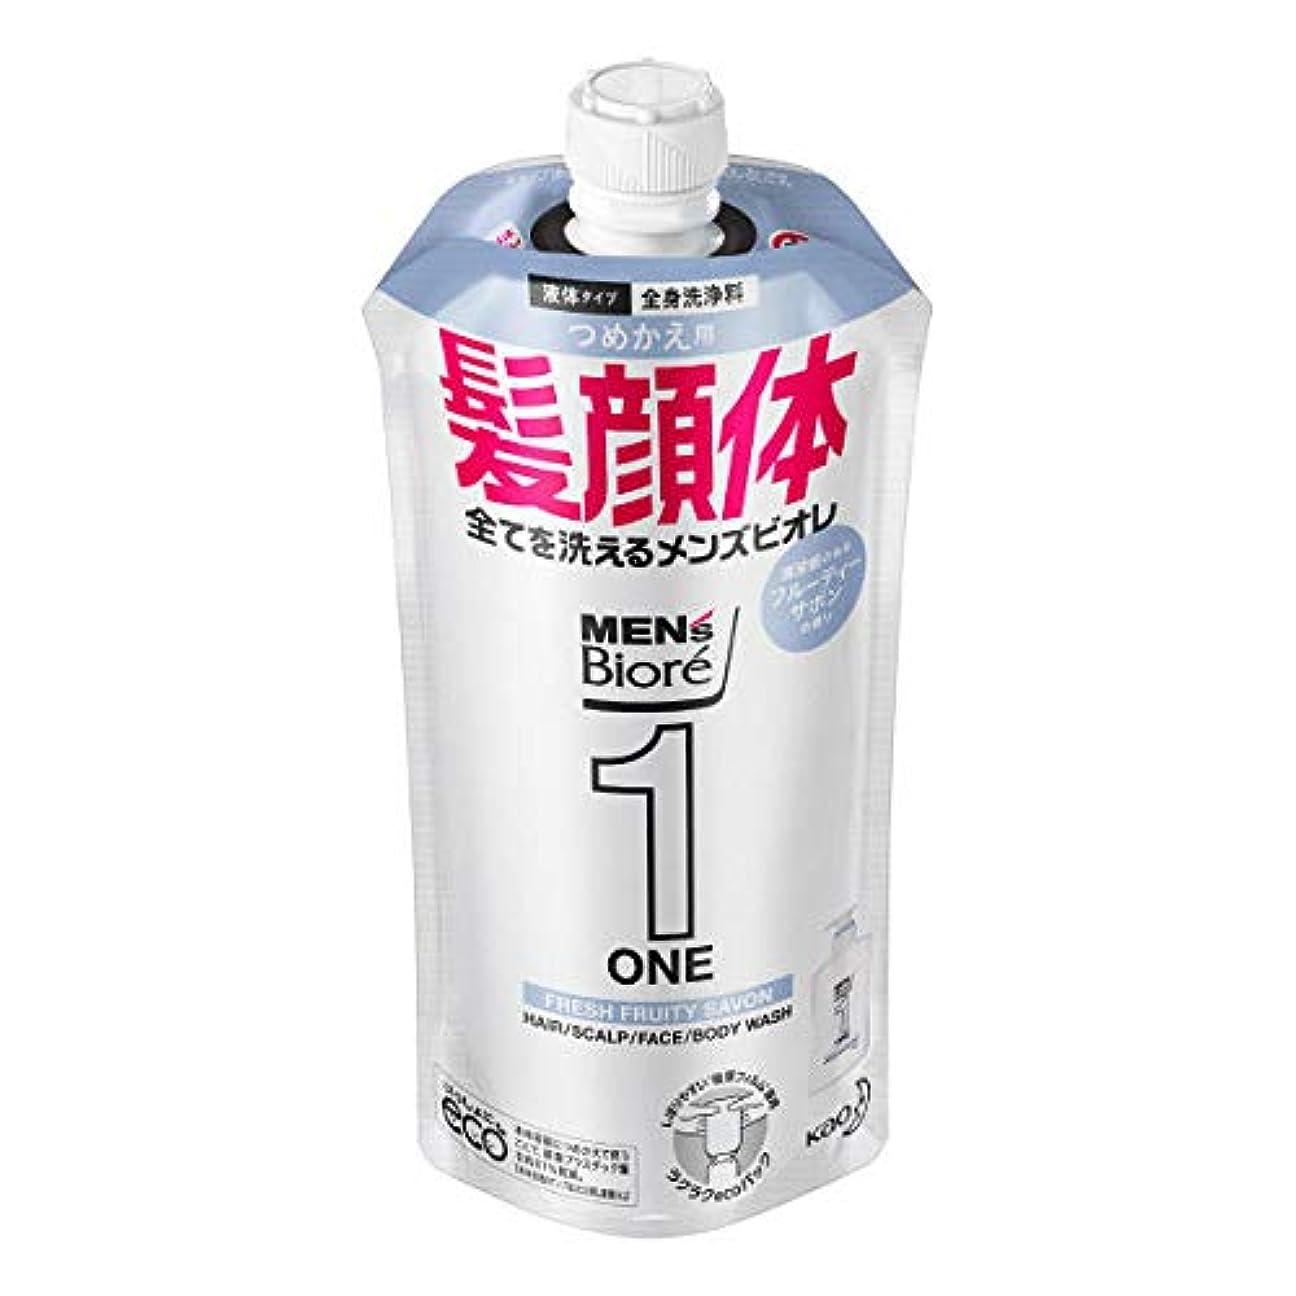 通信する細断水星メンズビオレONE オールインワン全身洗浄料 清潔感のあるフルーティーサボンの香り つめかえ用 340mL